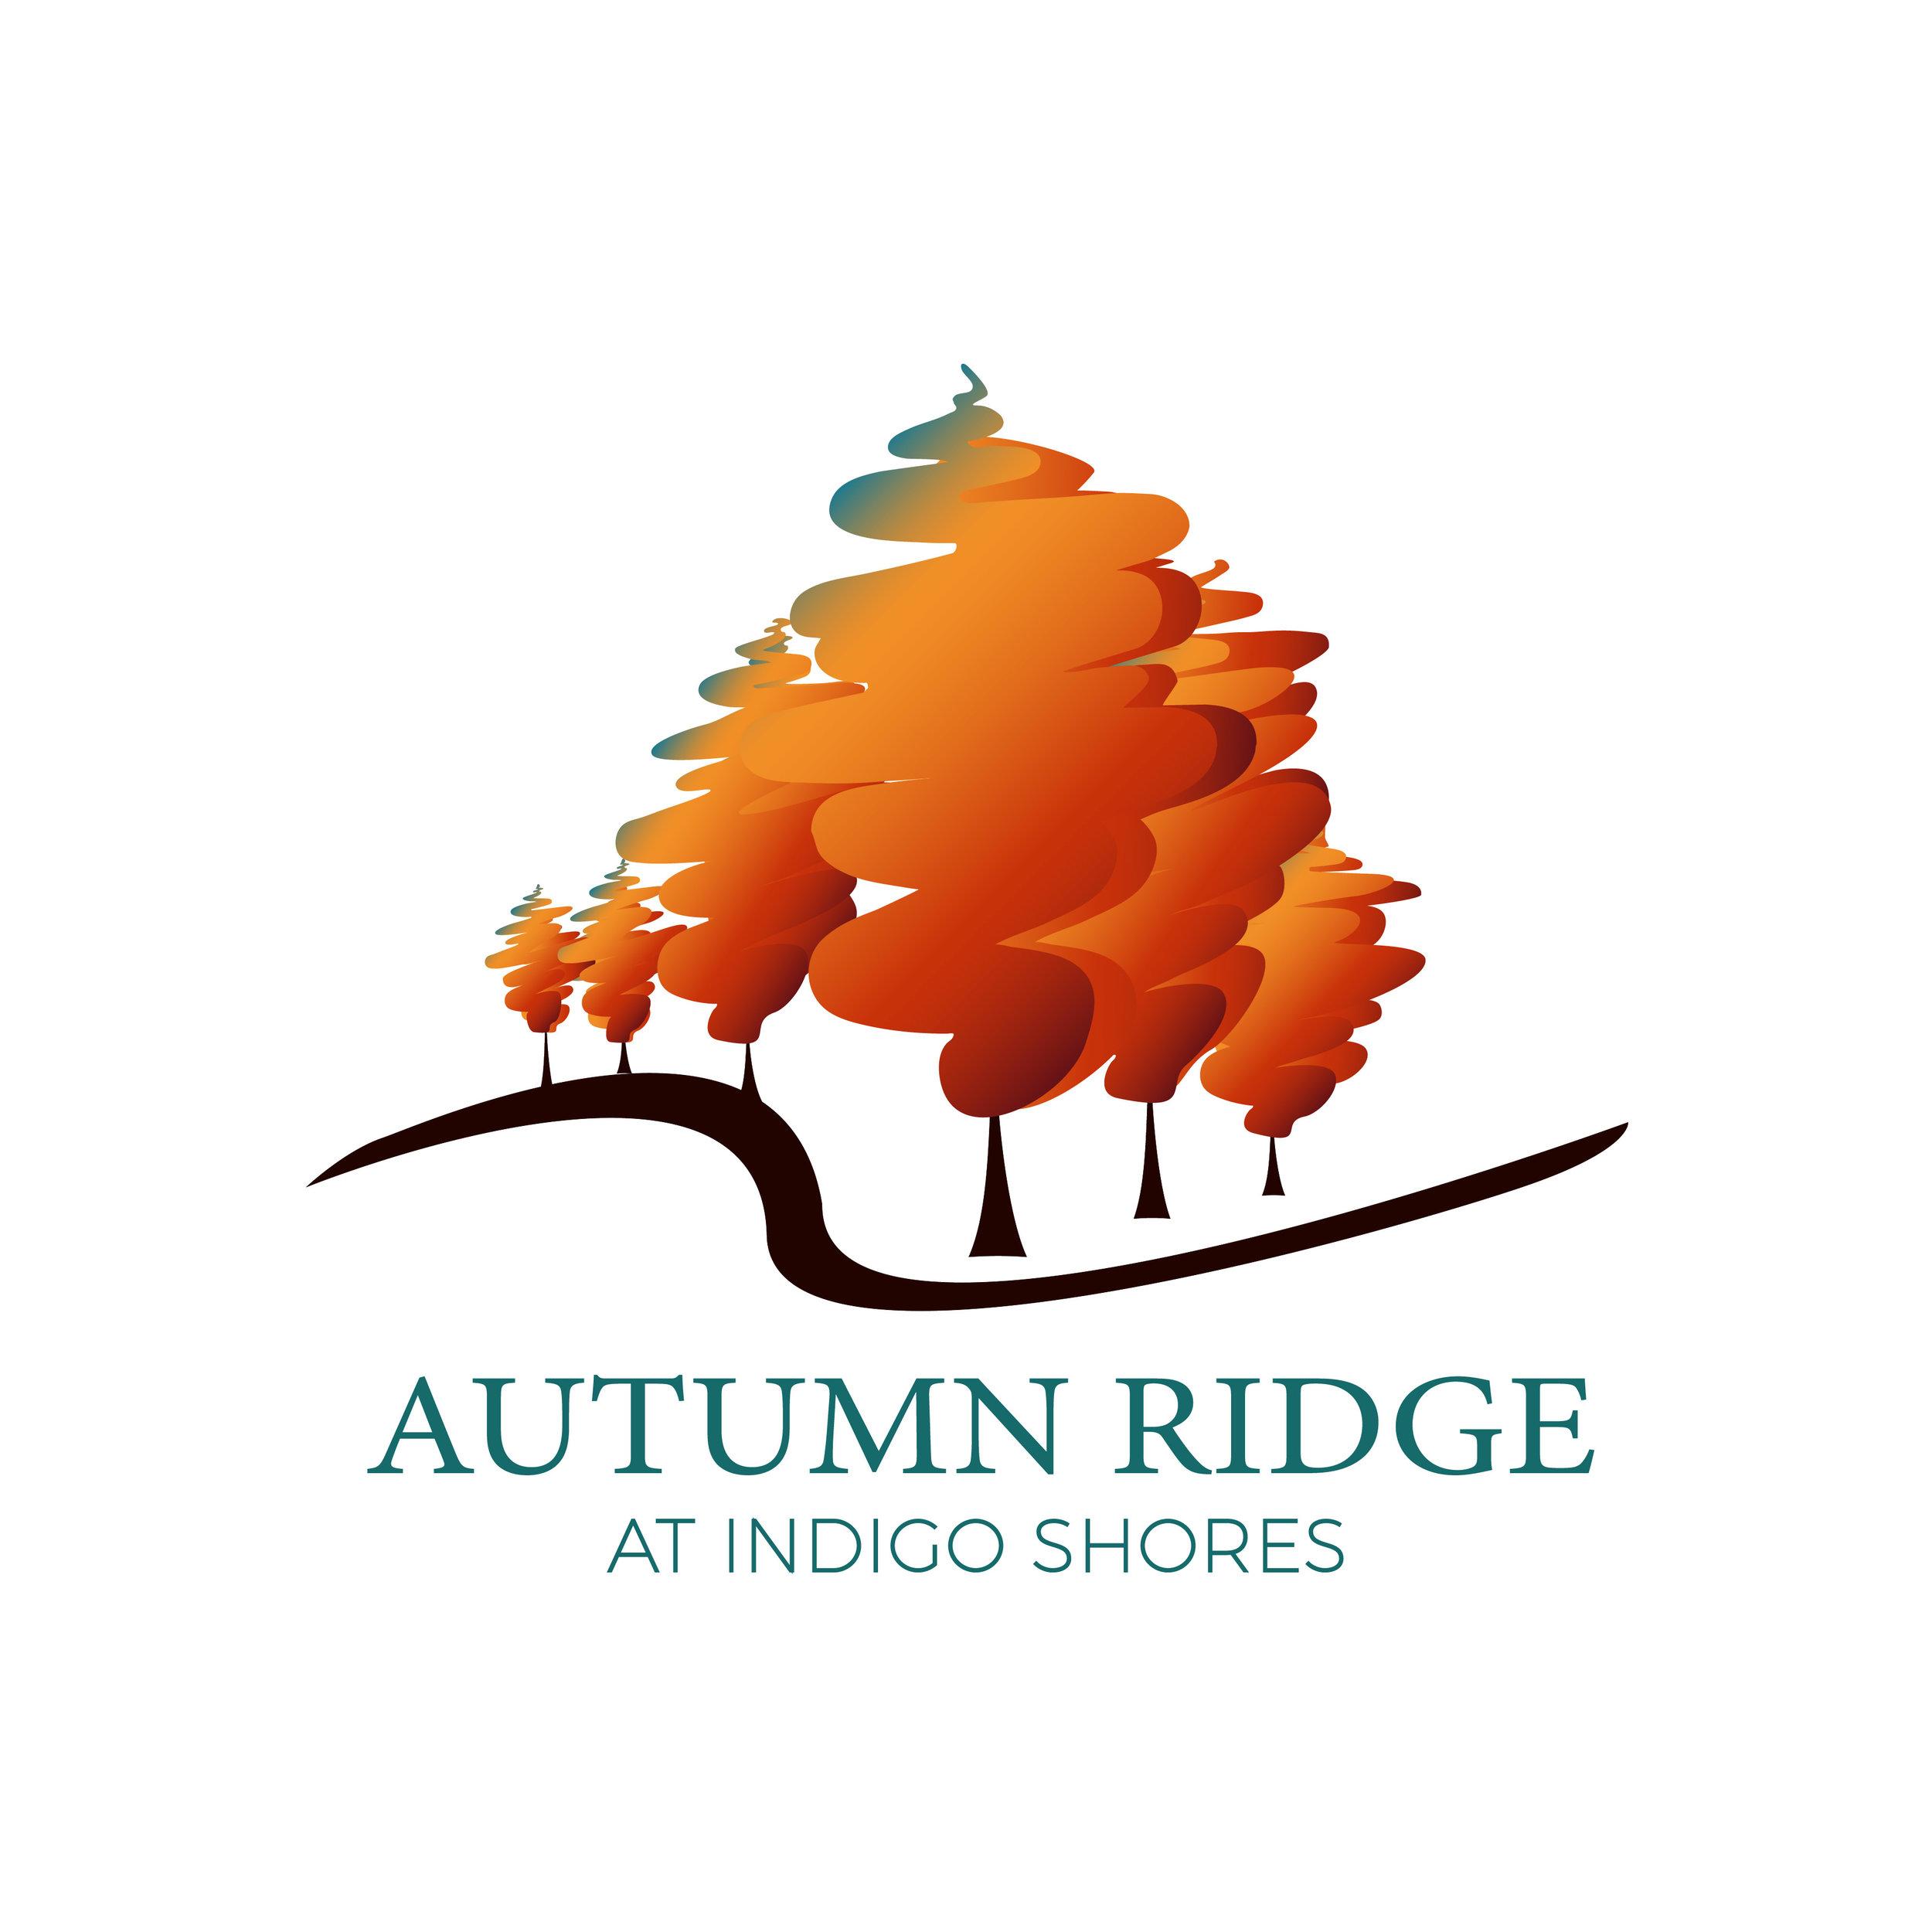 AutumnRidge_Logo.jpg